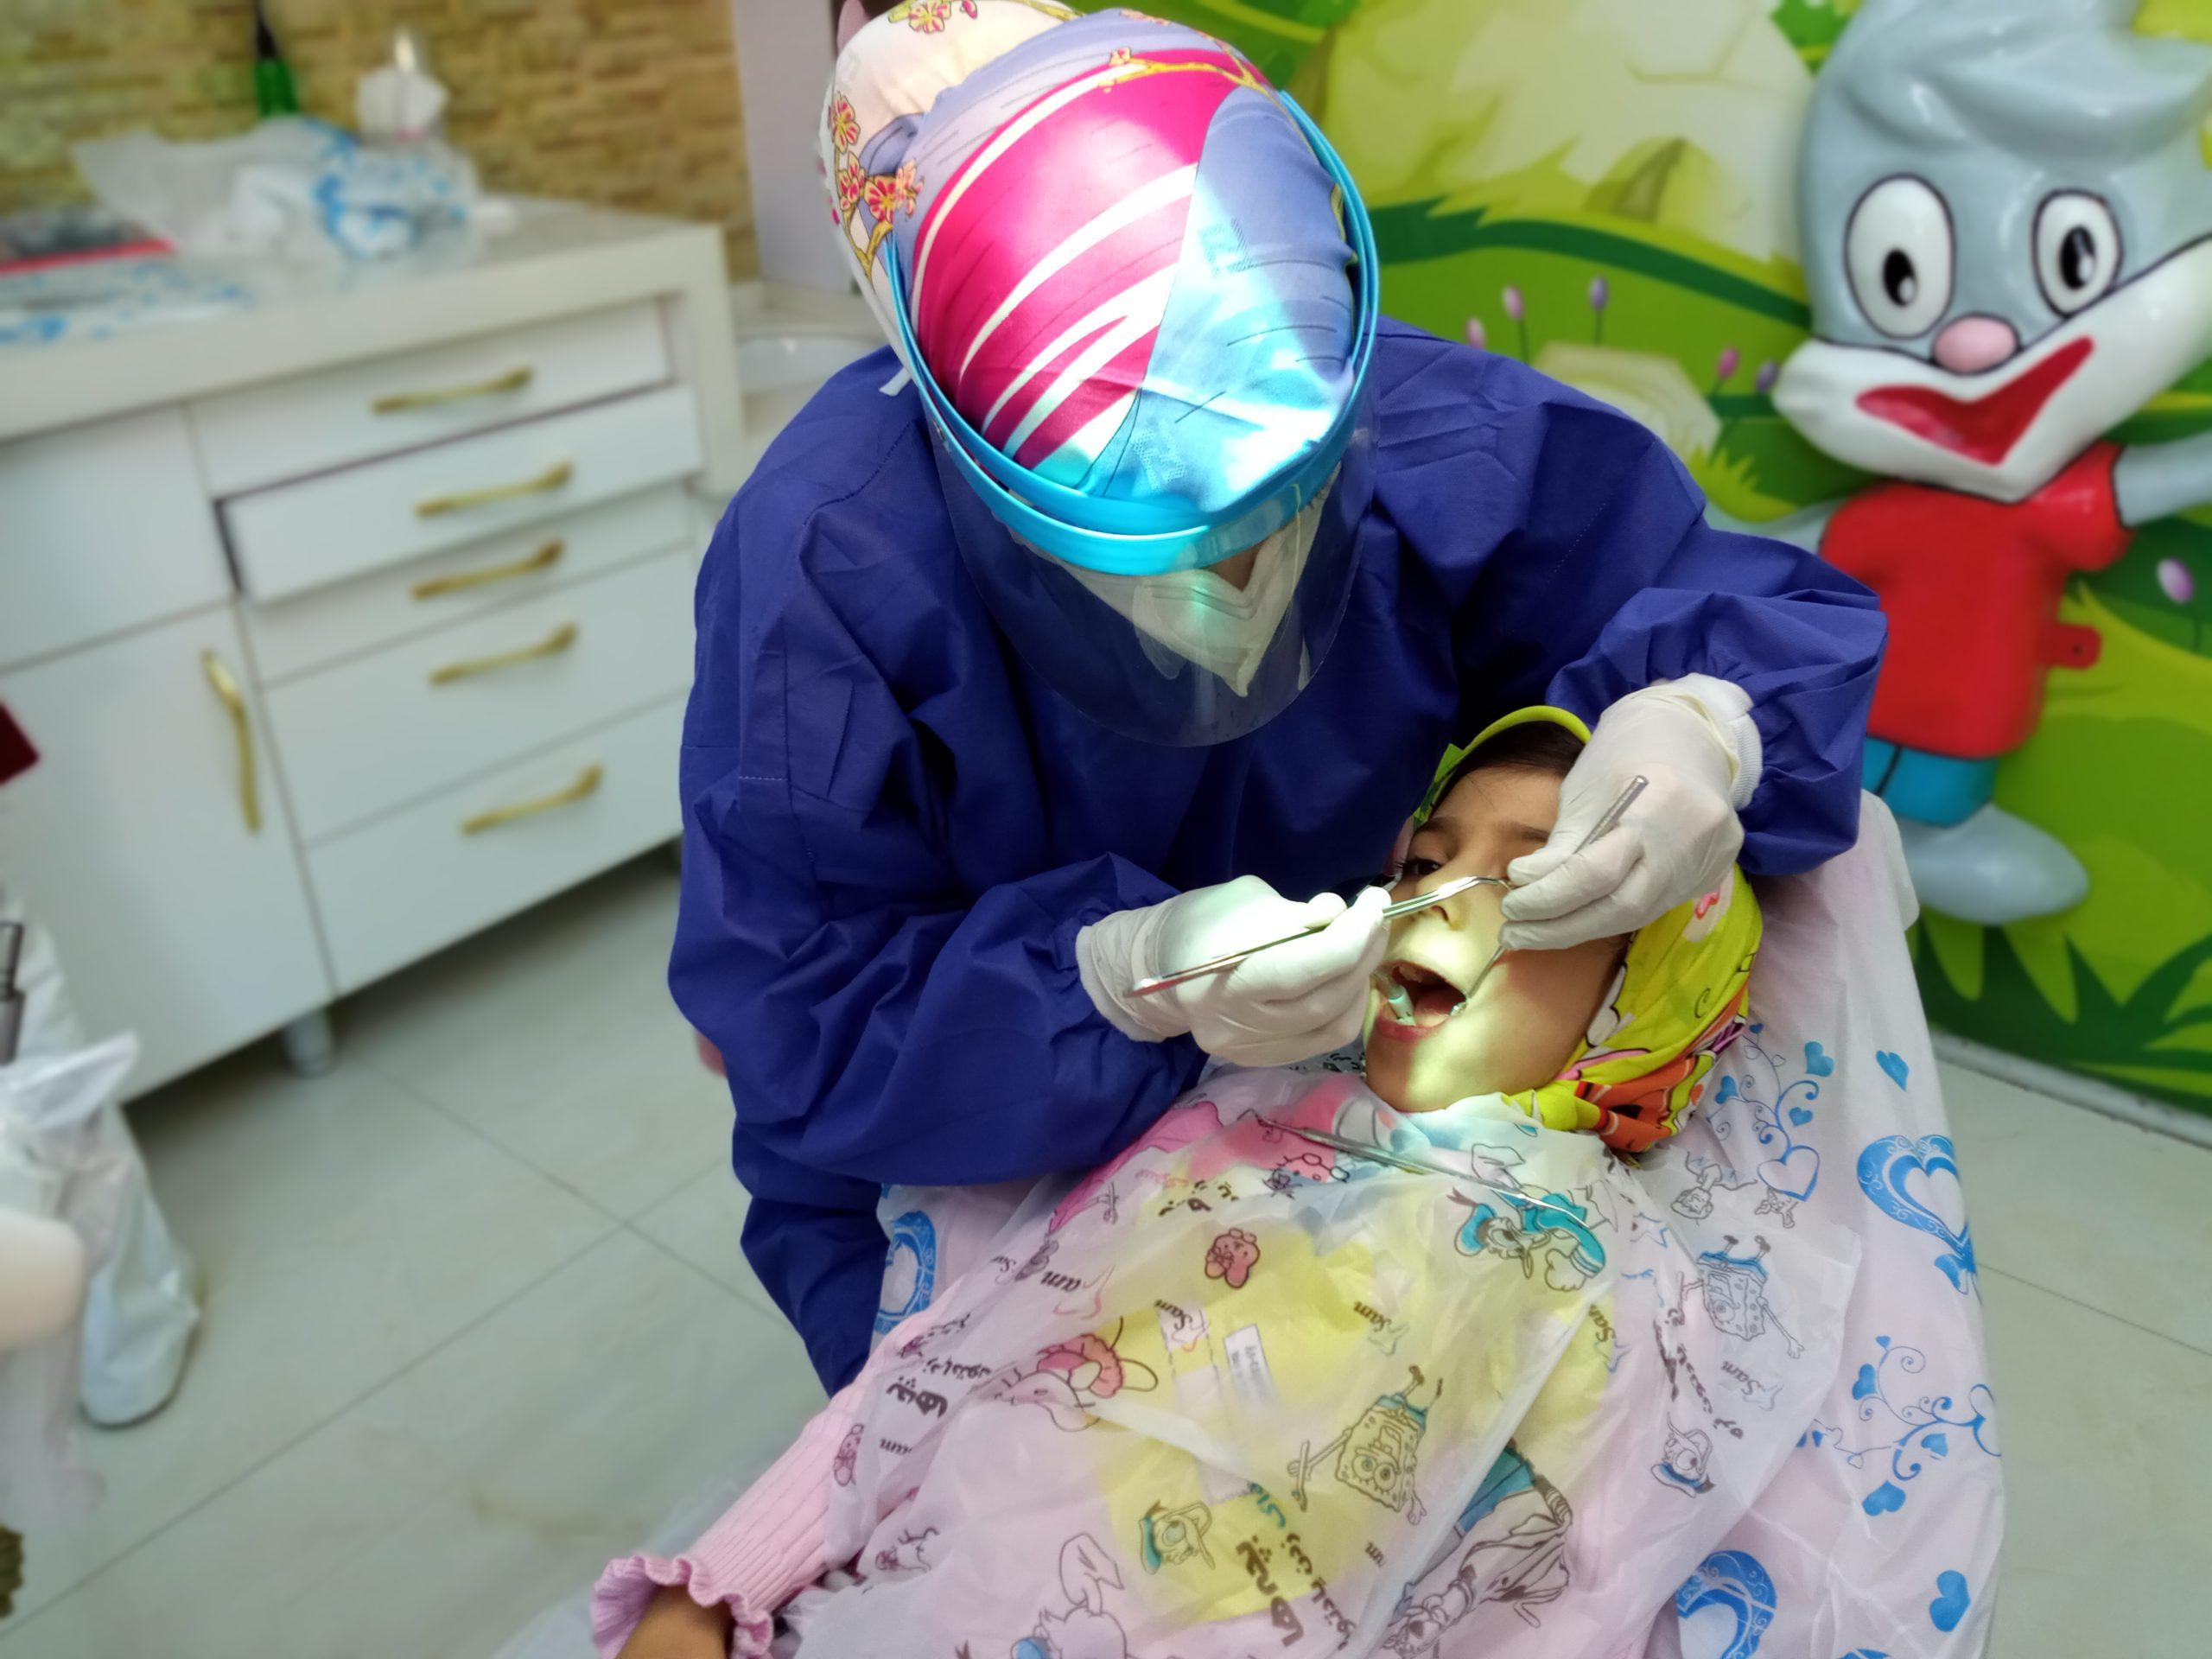 دکتر مریم حاجی احمدی